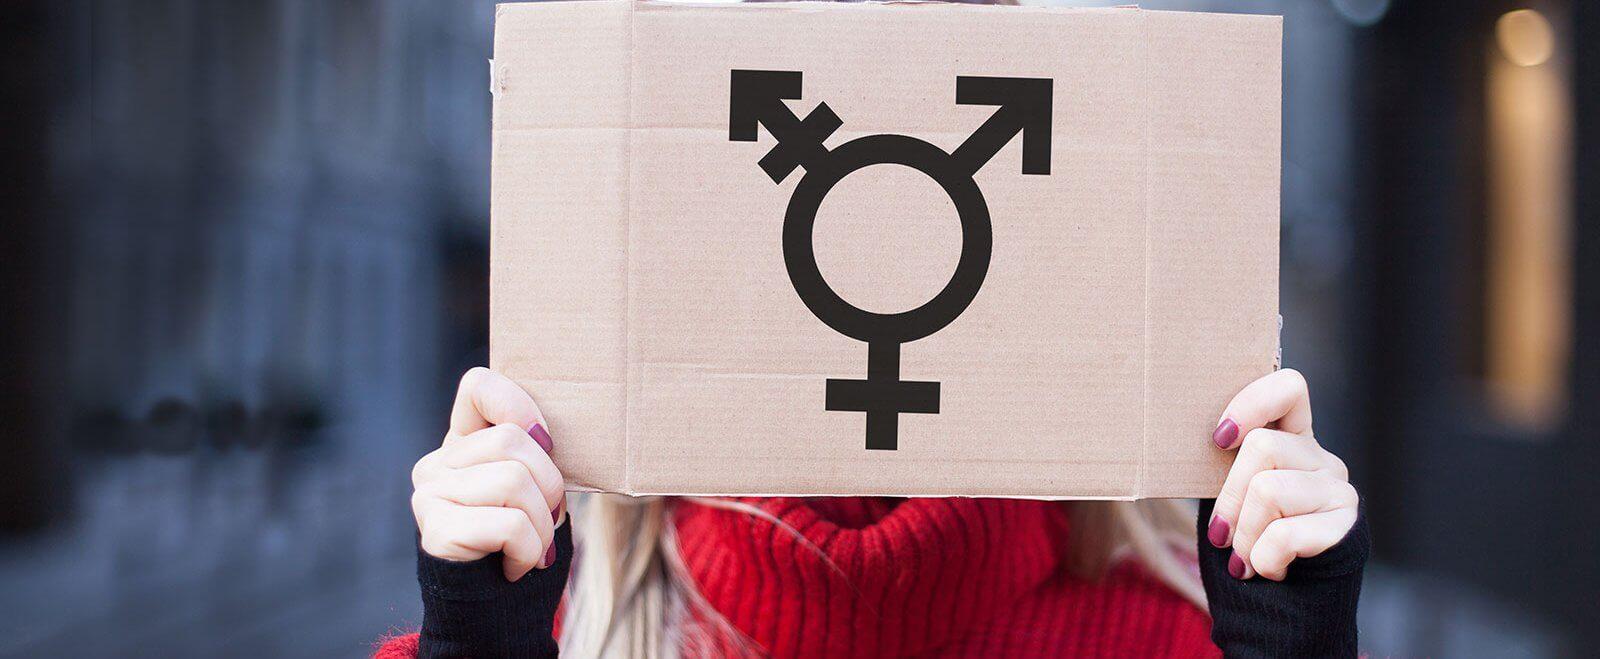 Gender blend